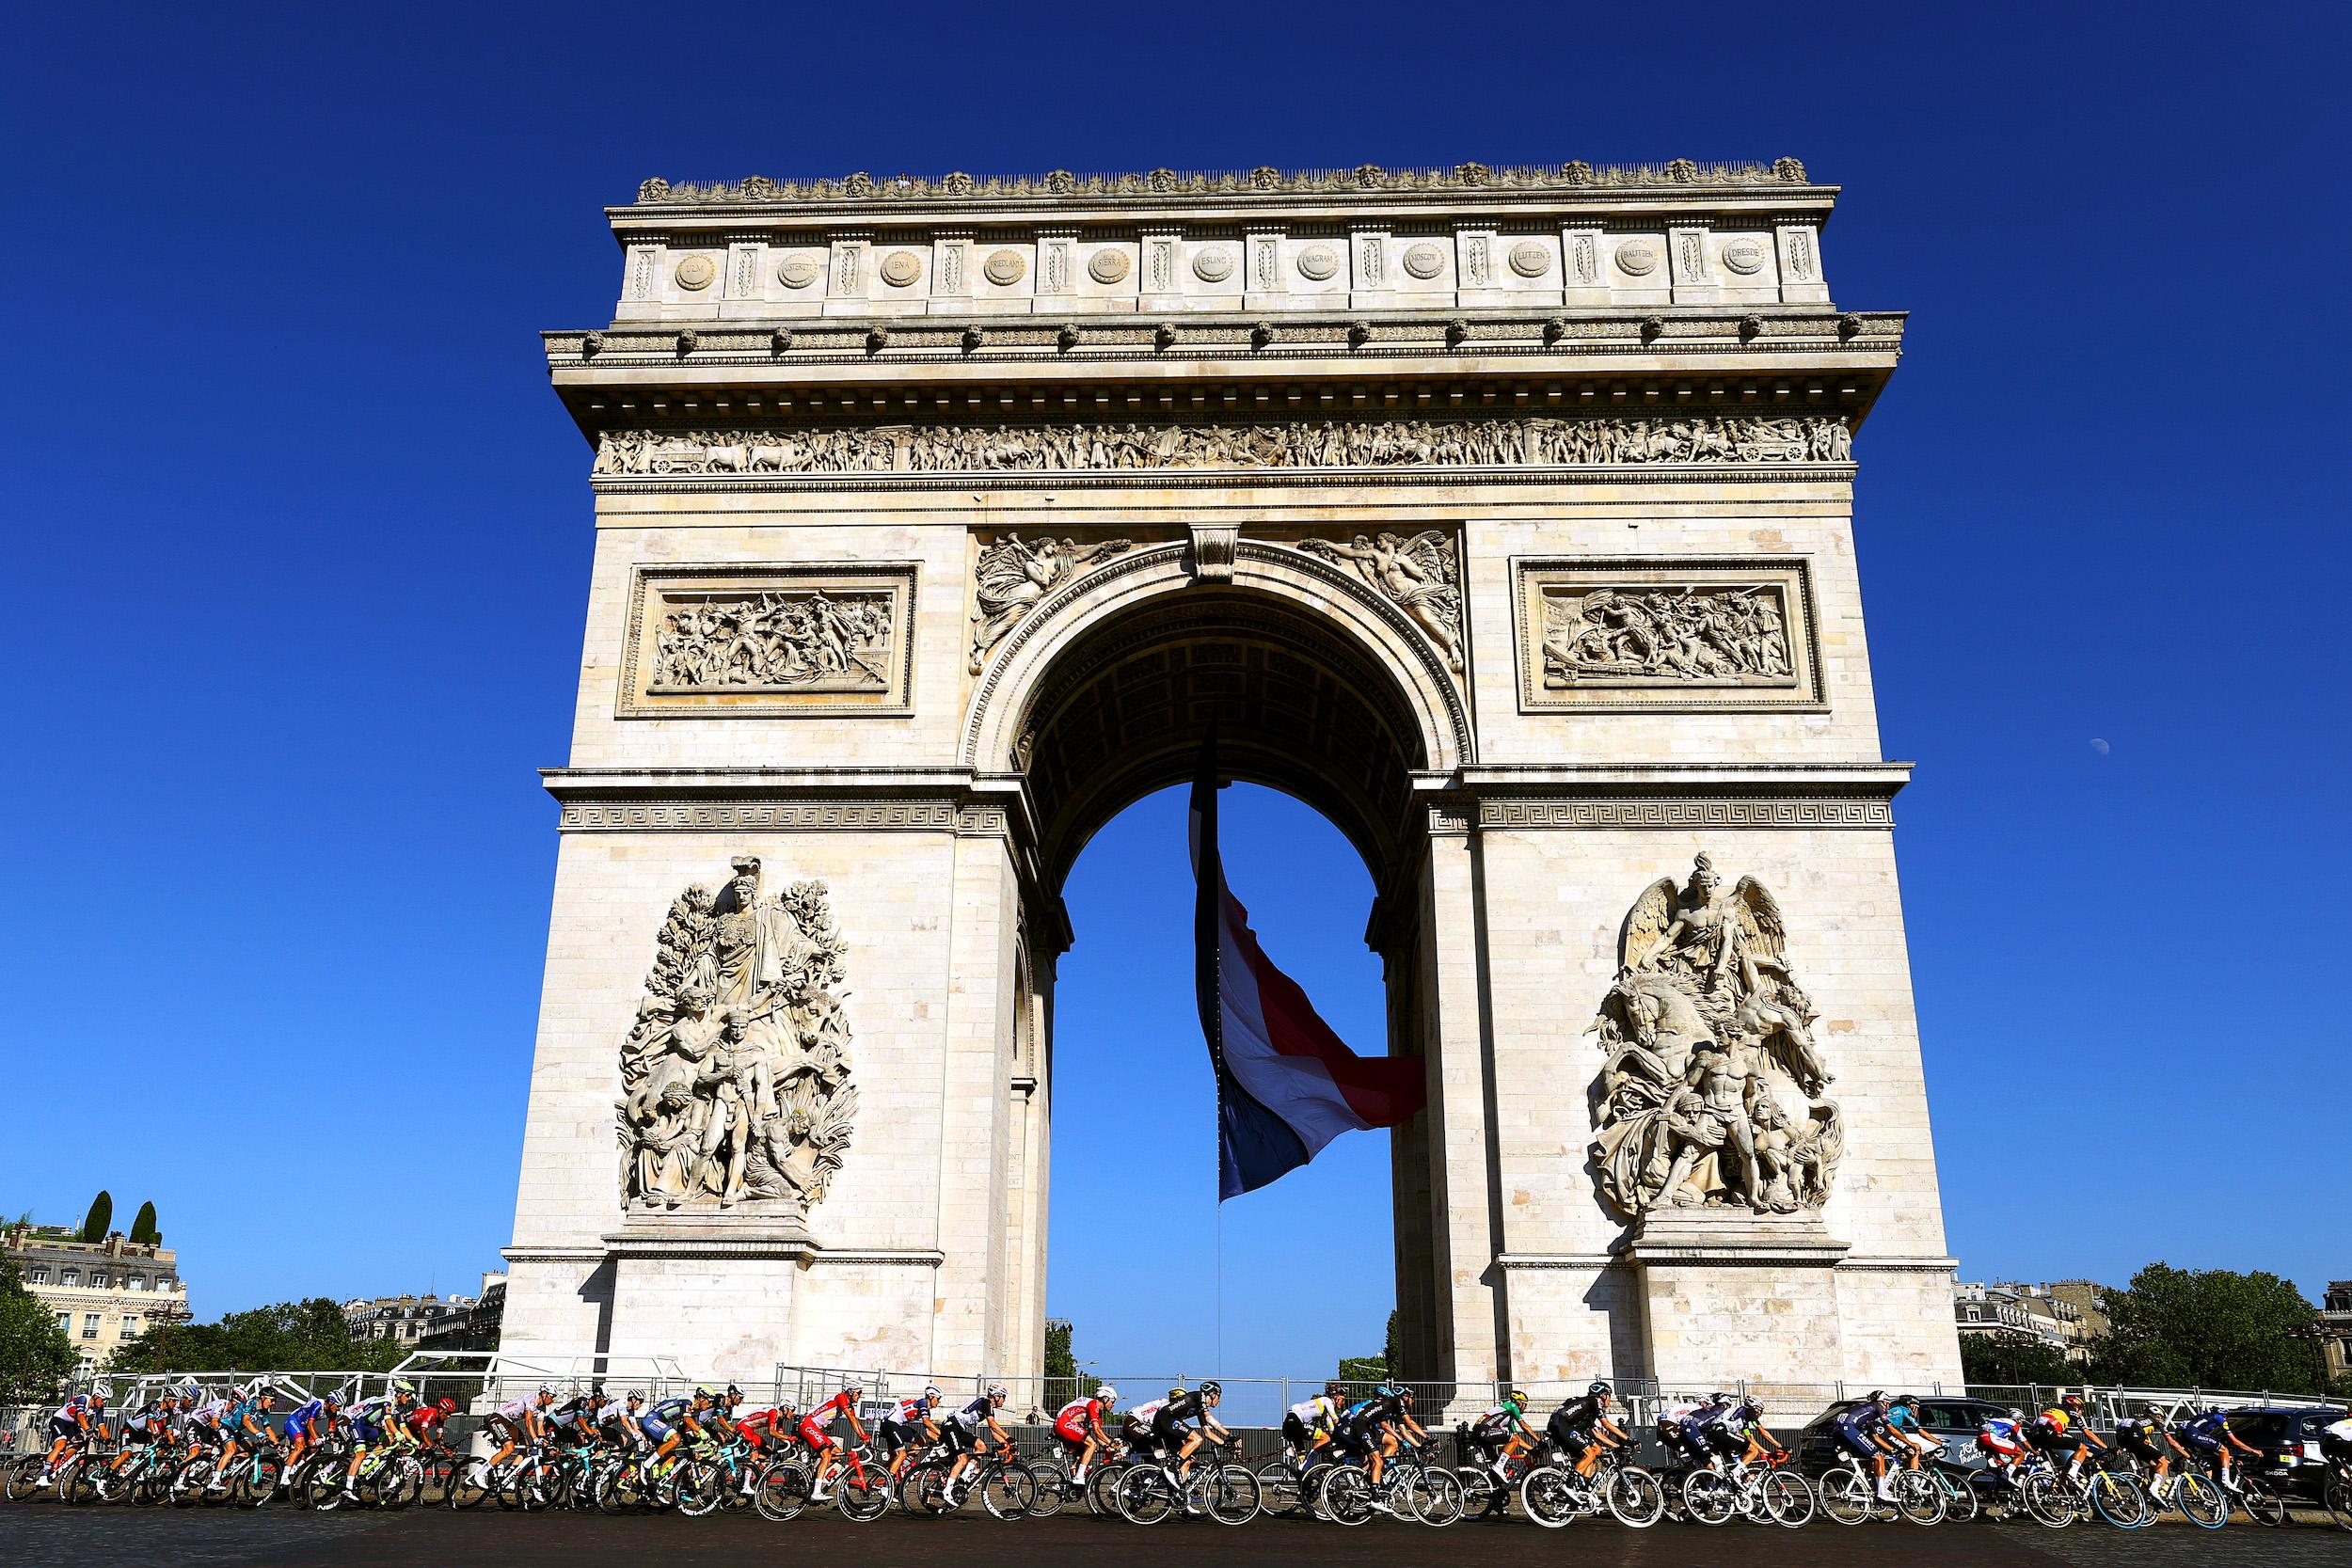 The Tour de France passes the Arc de Triomphe